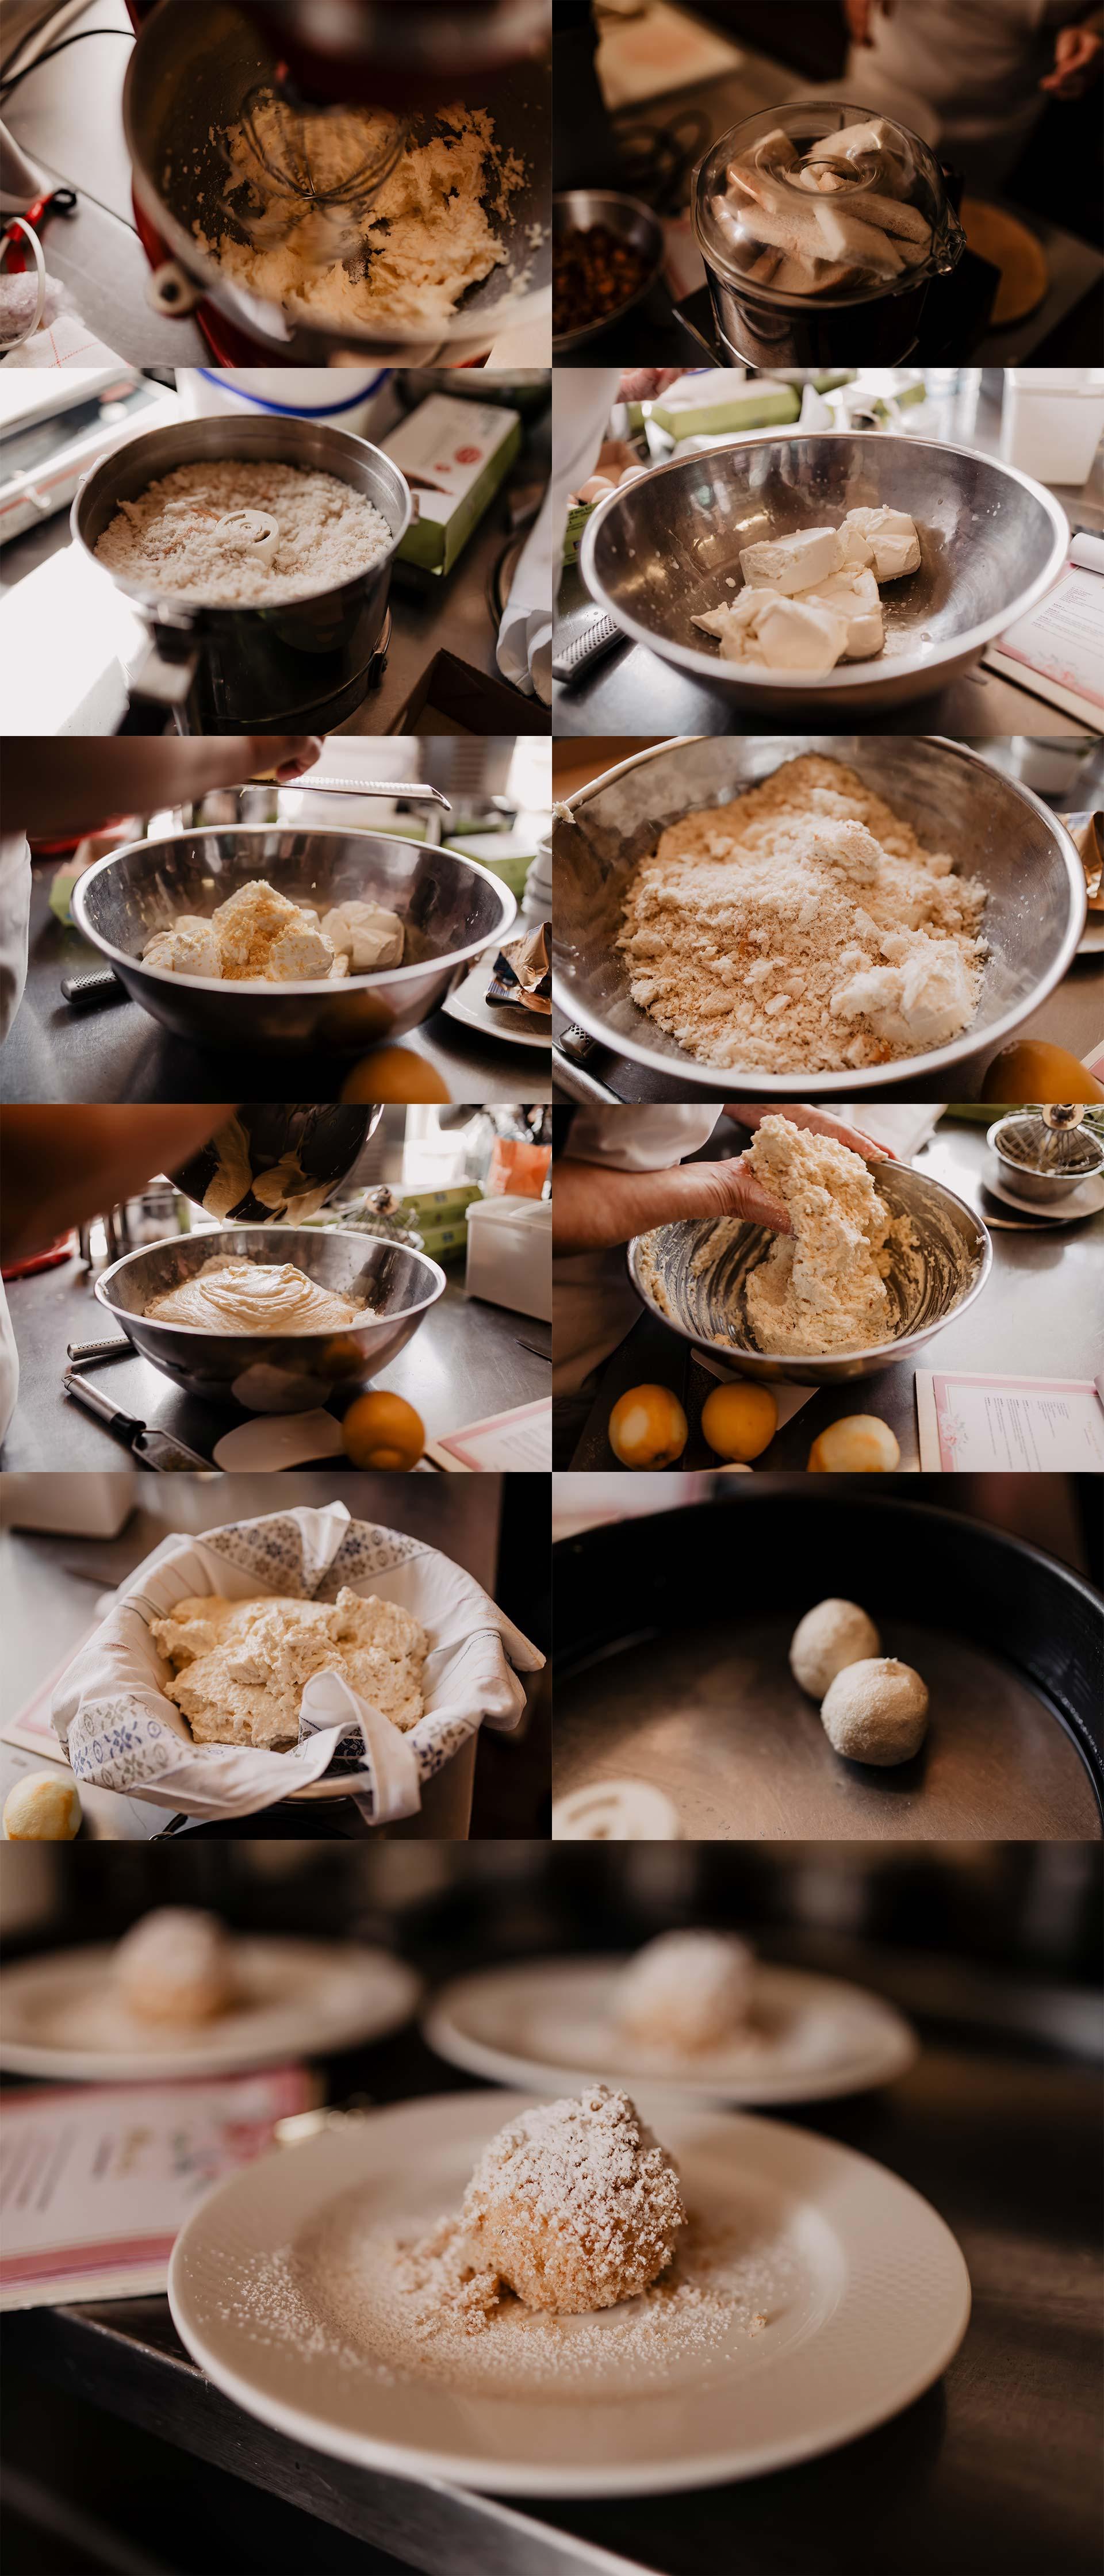 Anzeige. 3-Gänge-Frühlingsmenü mit Bärlauchschaumsuppe,Bärlauchtascherl, Bärlauchpesto, Kartoffelteig herstellen, gesundesFrühlingsmenü,was soll ich morgen kochen,Rezepte mit Bärlauch,Bärlauchsuppe,Kochen mit Hofer, Foodblogger, www.whoismocca.com #topfenknödel #flaumig #frühlingsmenü #kochenmithofer #rezept #vegetarisch